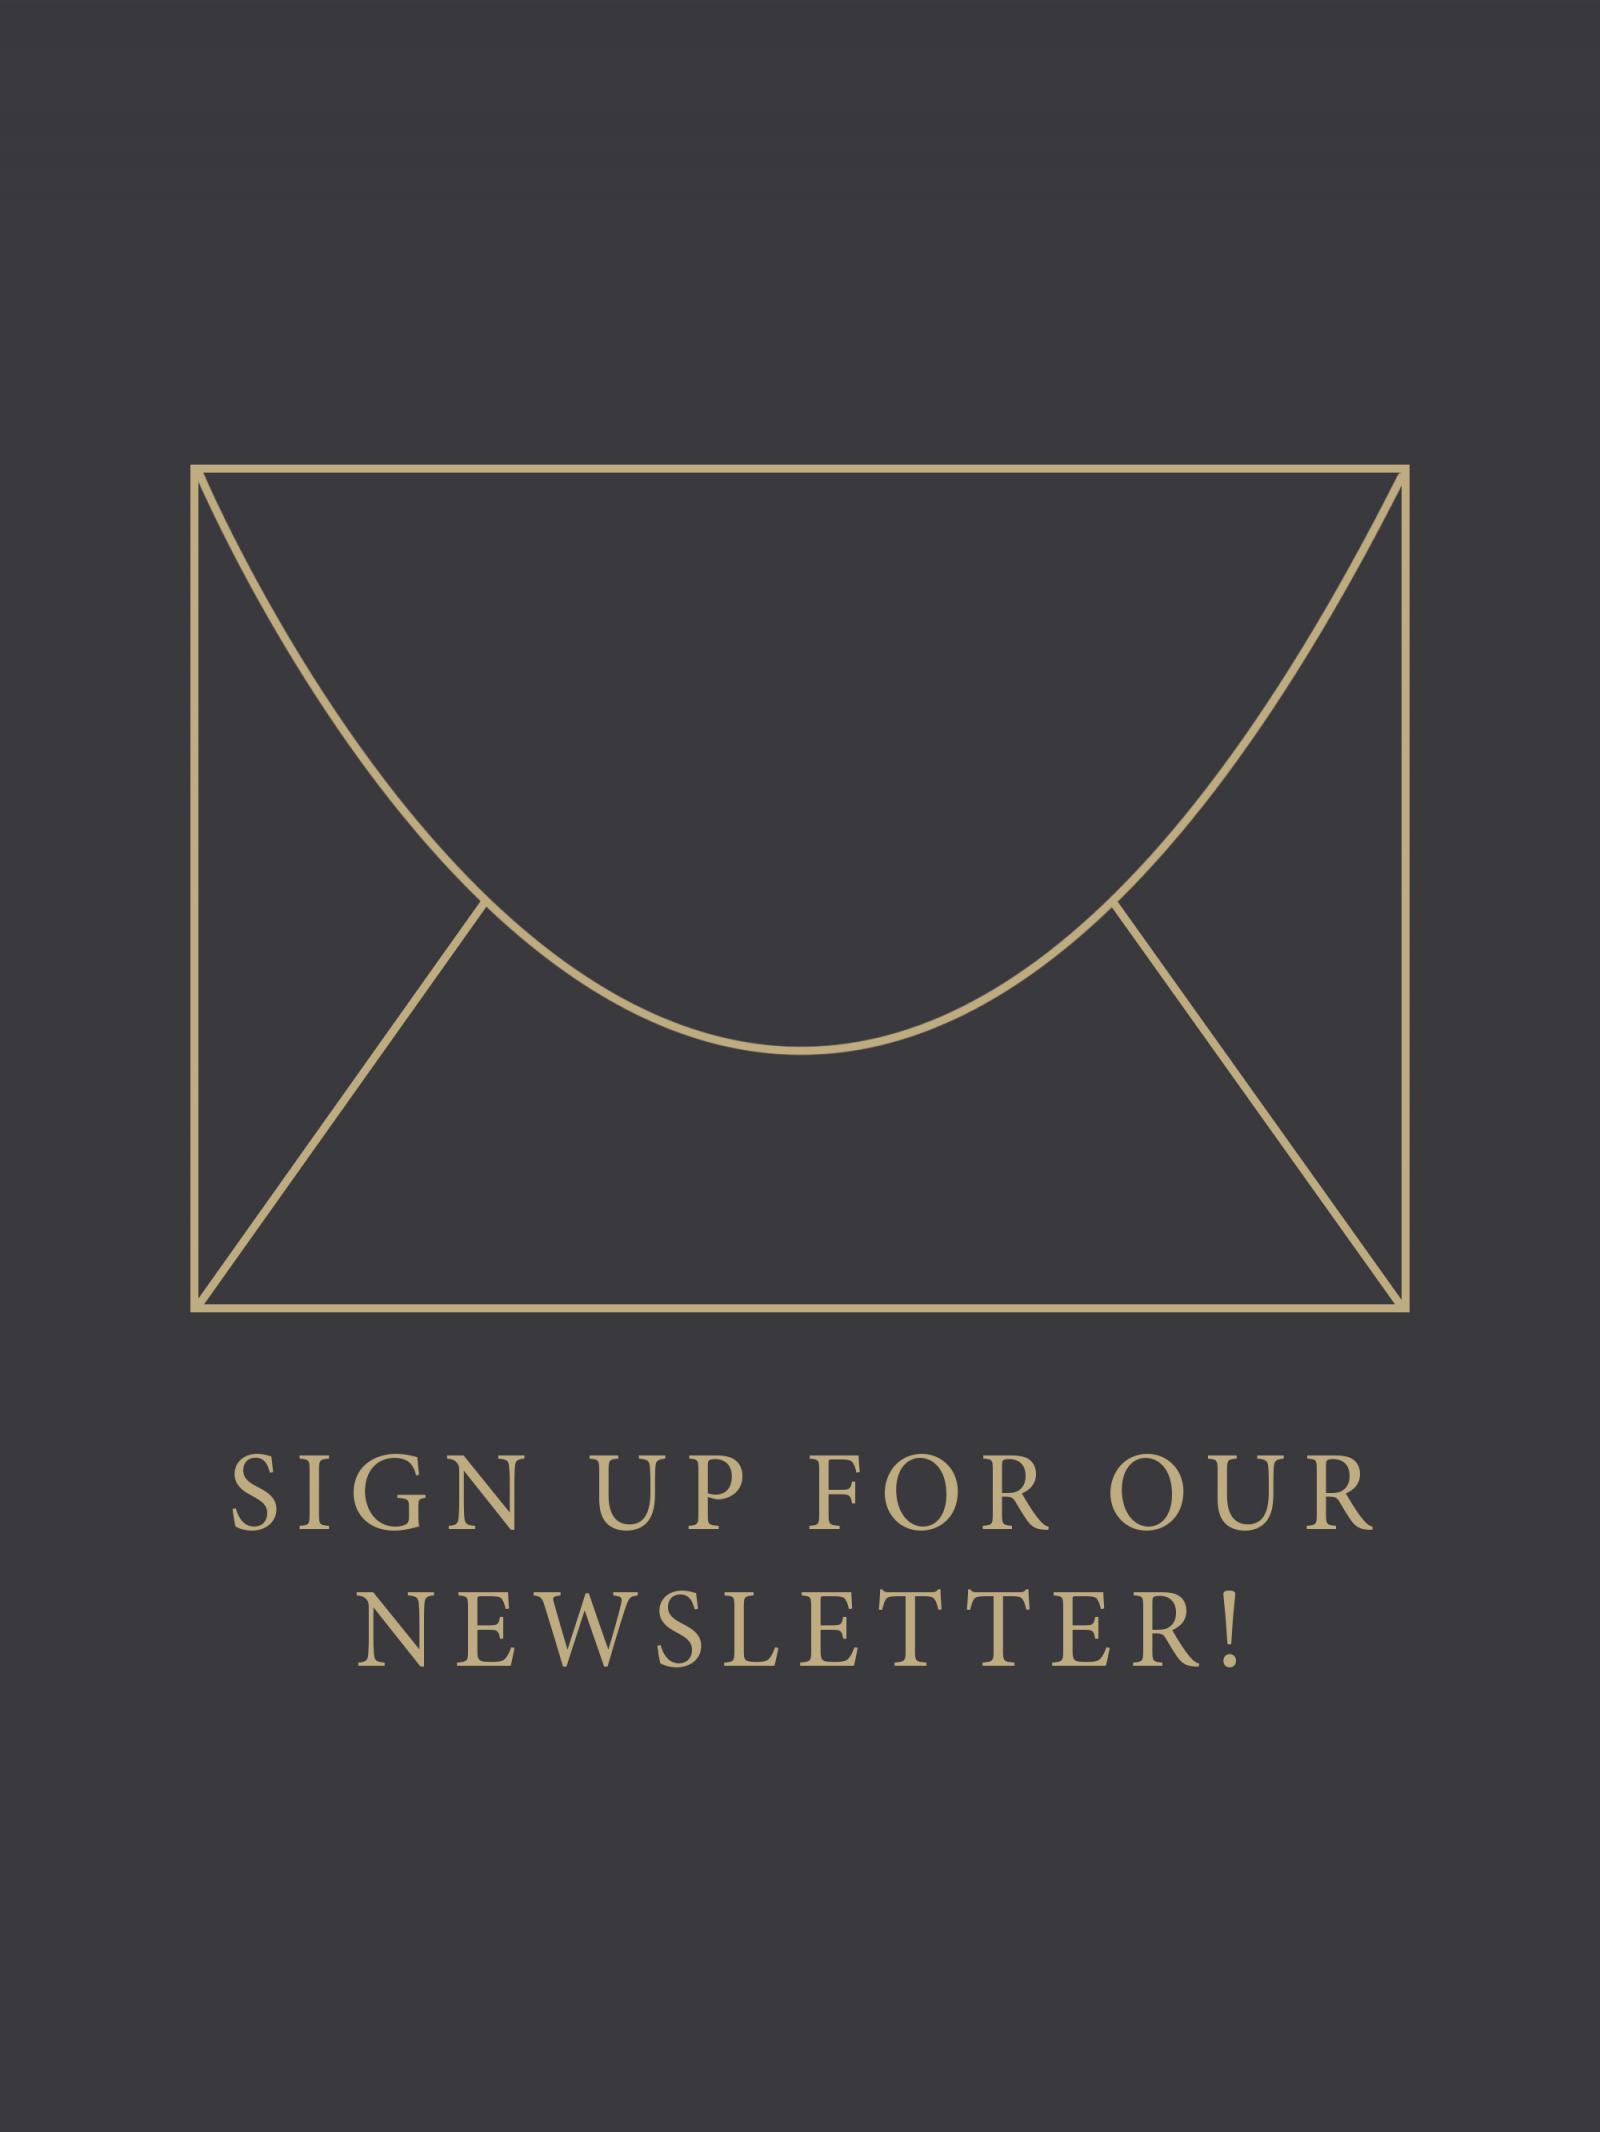 Missa inte våra nyhetssläpp, event eller kampanjer!